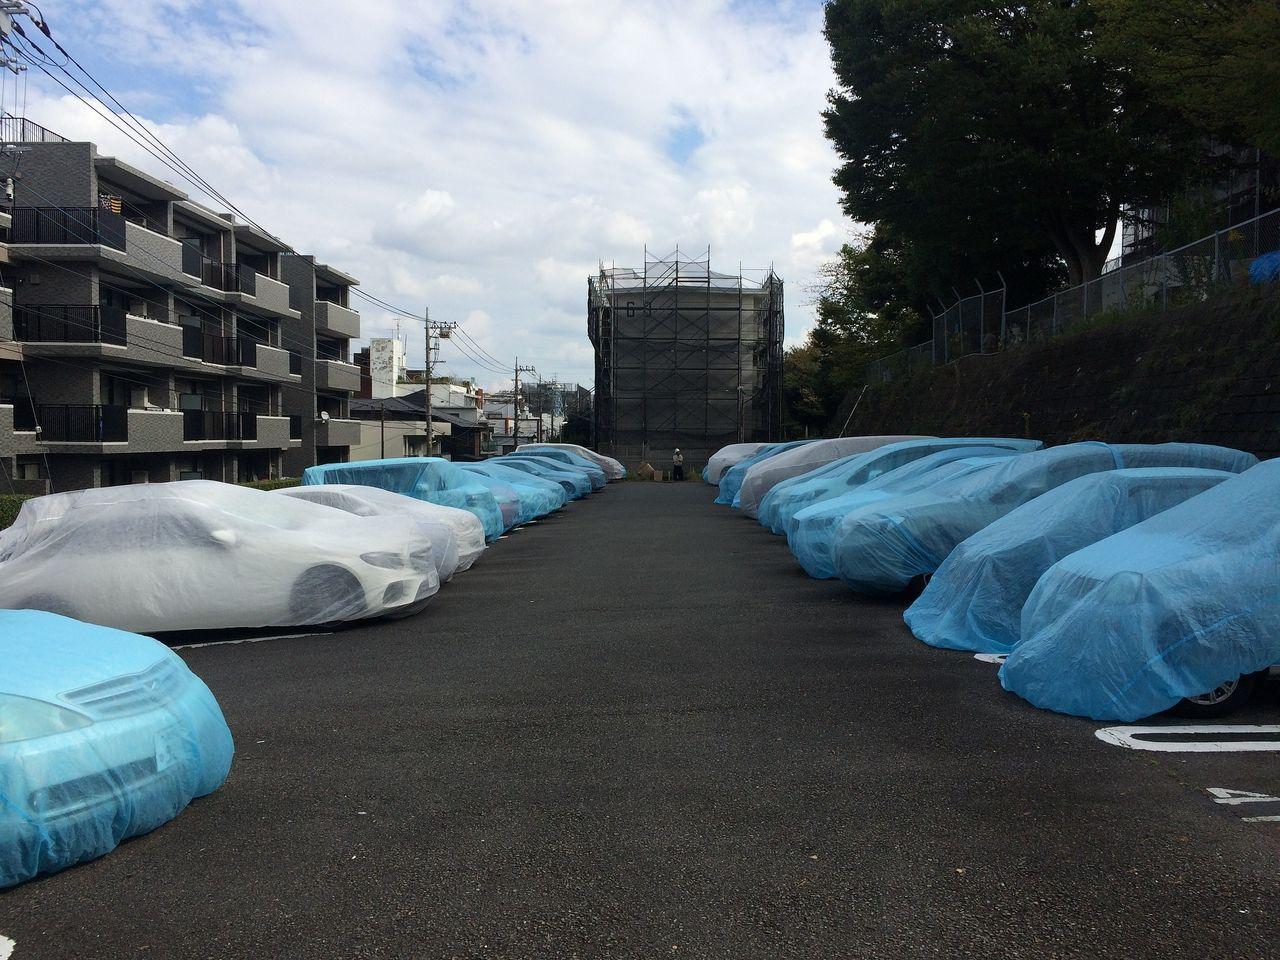 たまプラーザ団地の駐車場